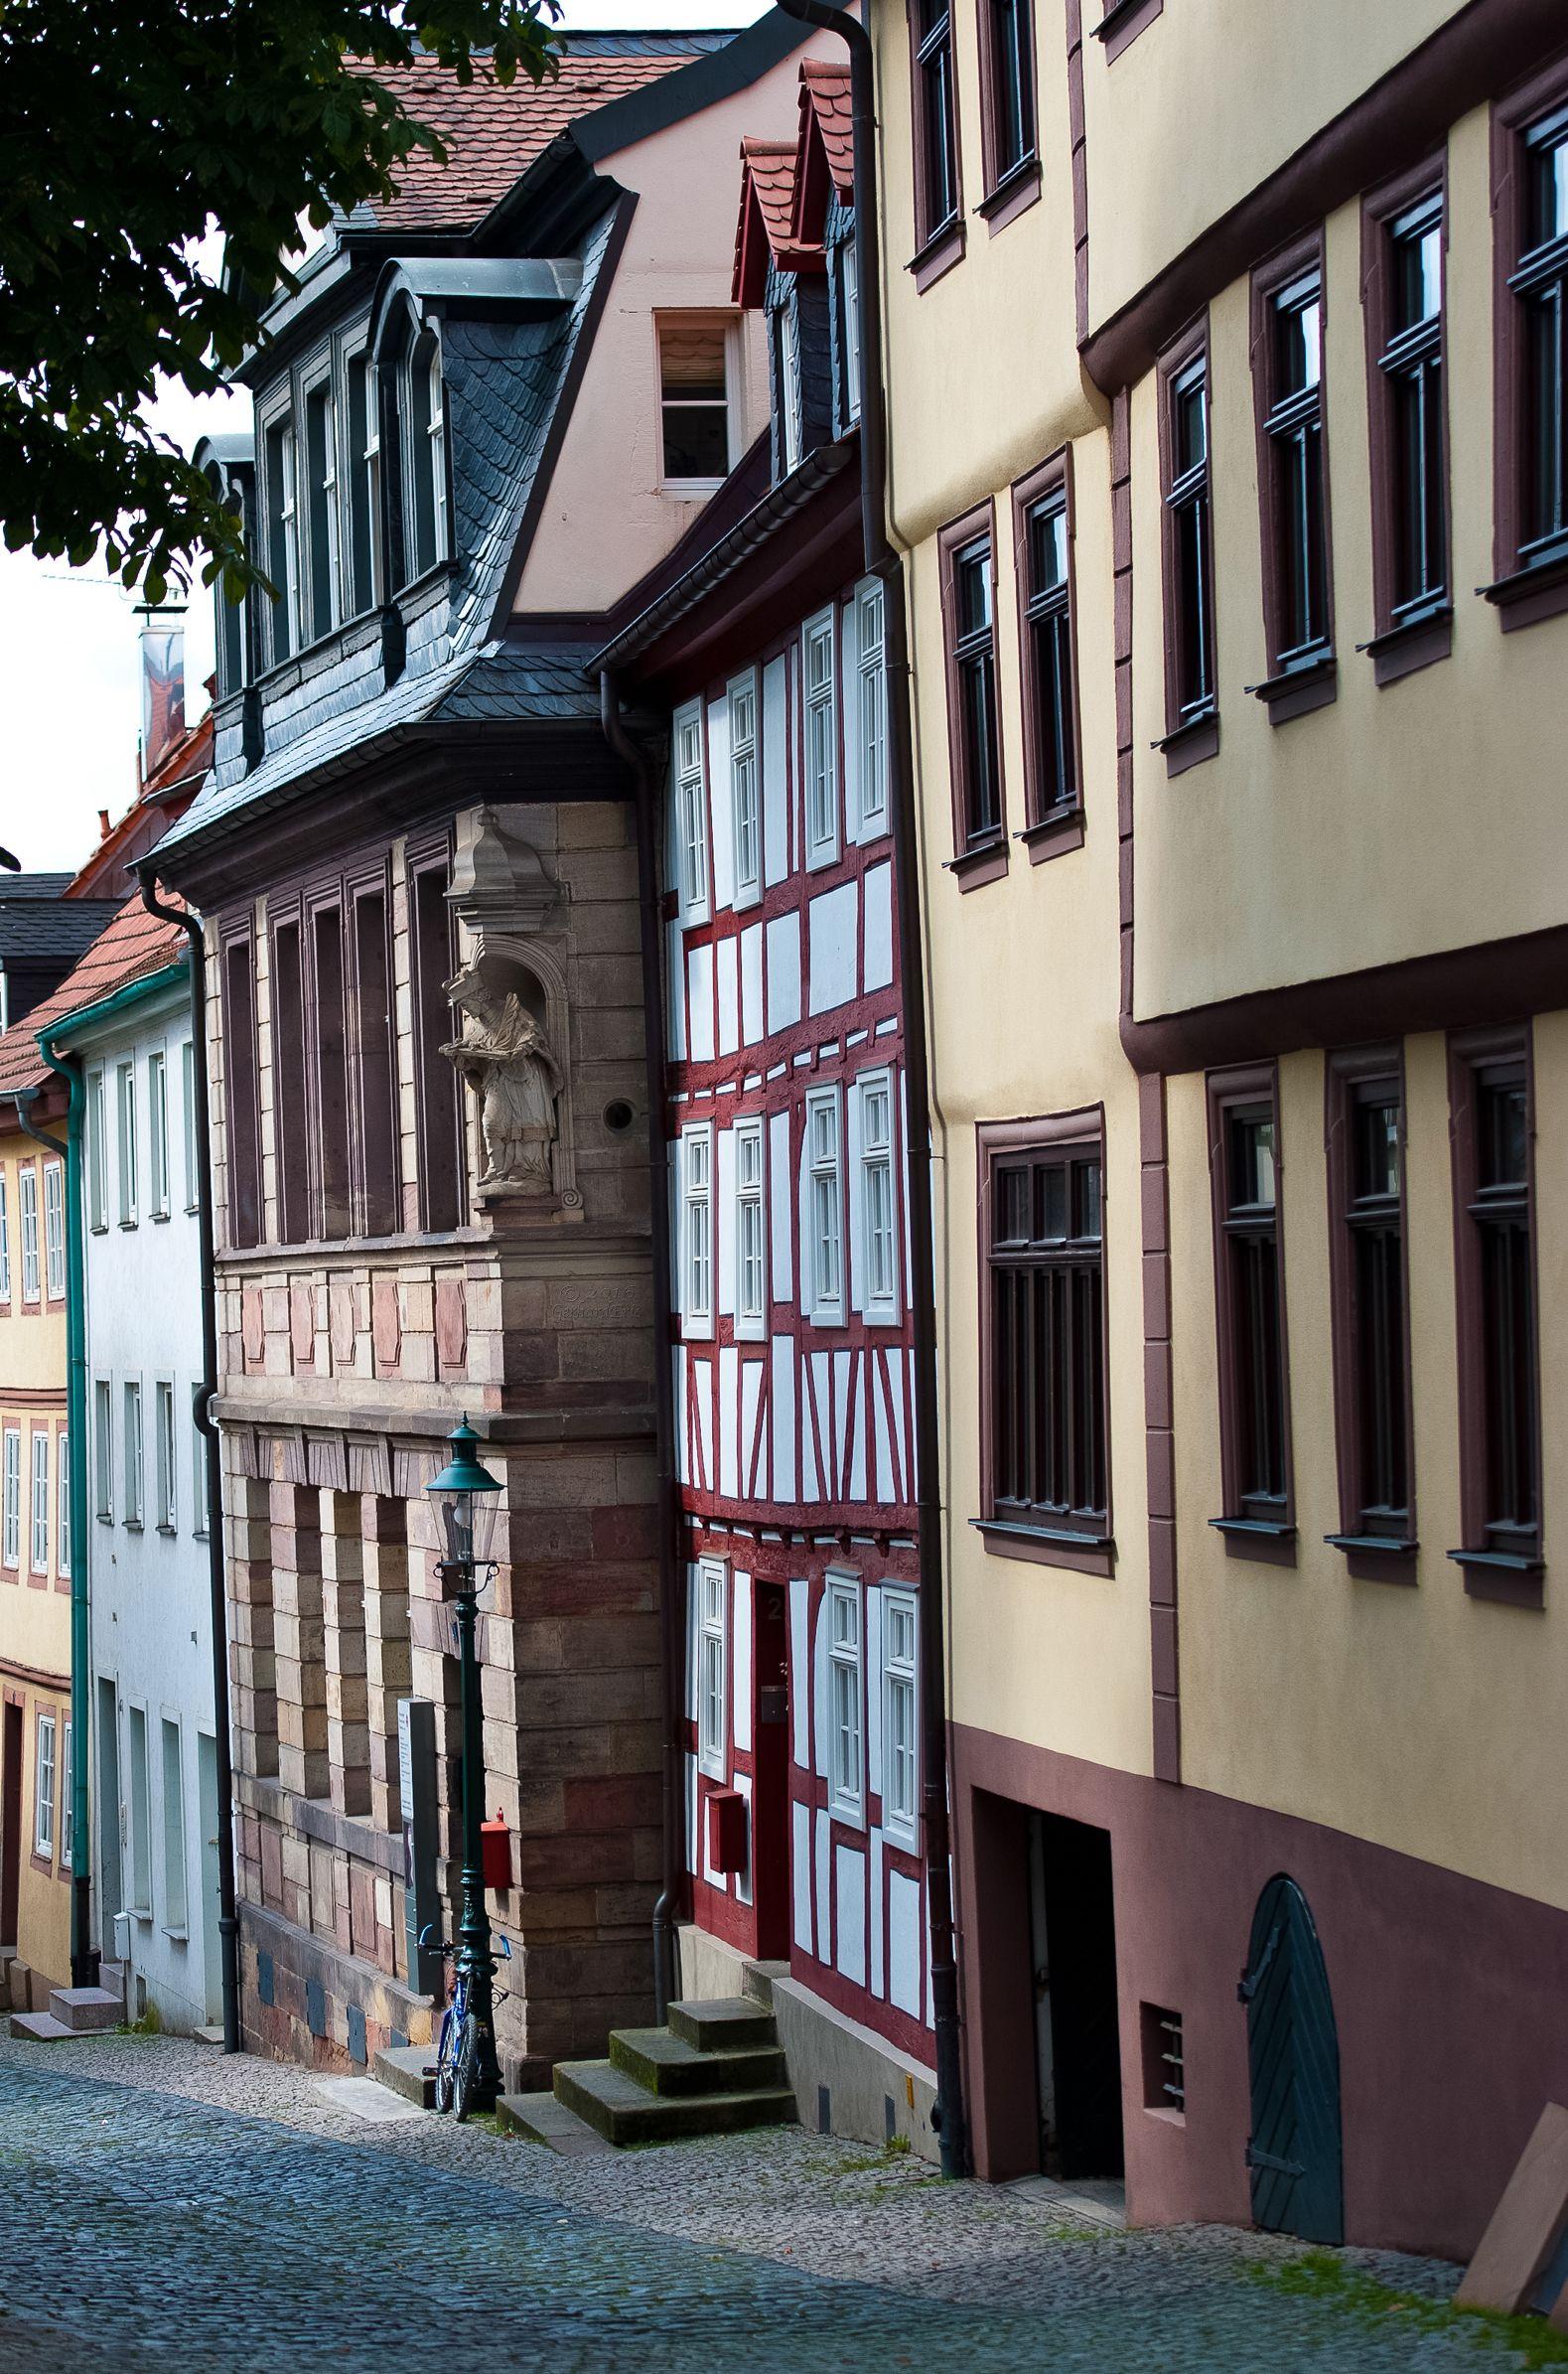 Fulda DE | taken by GerhardEric.com